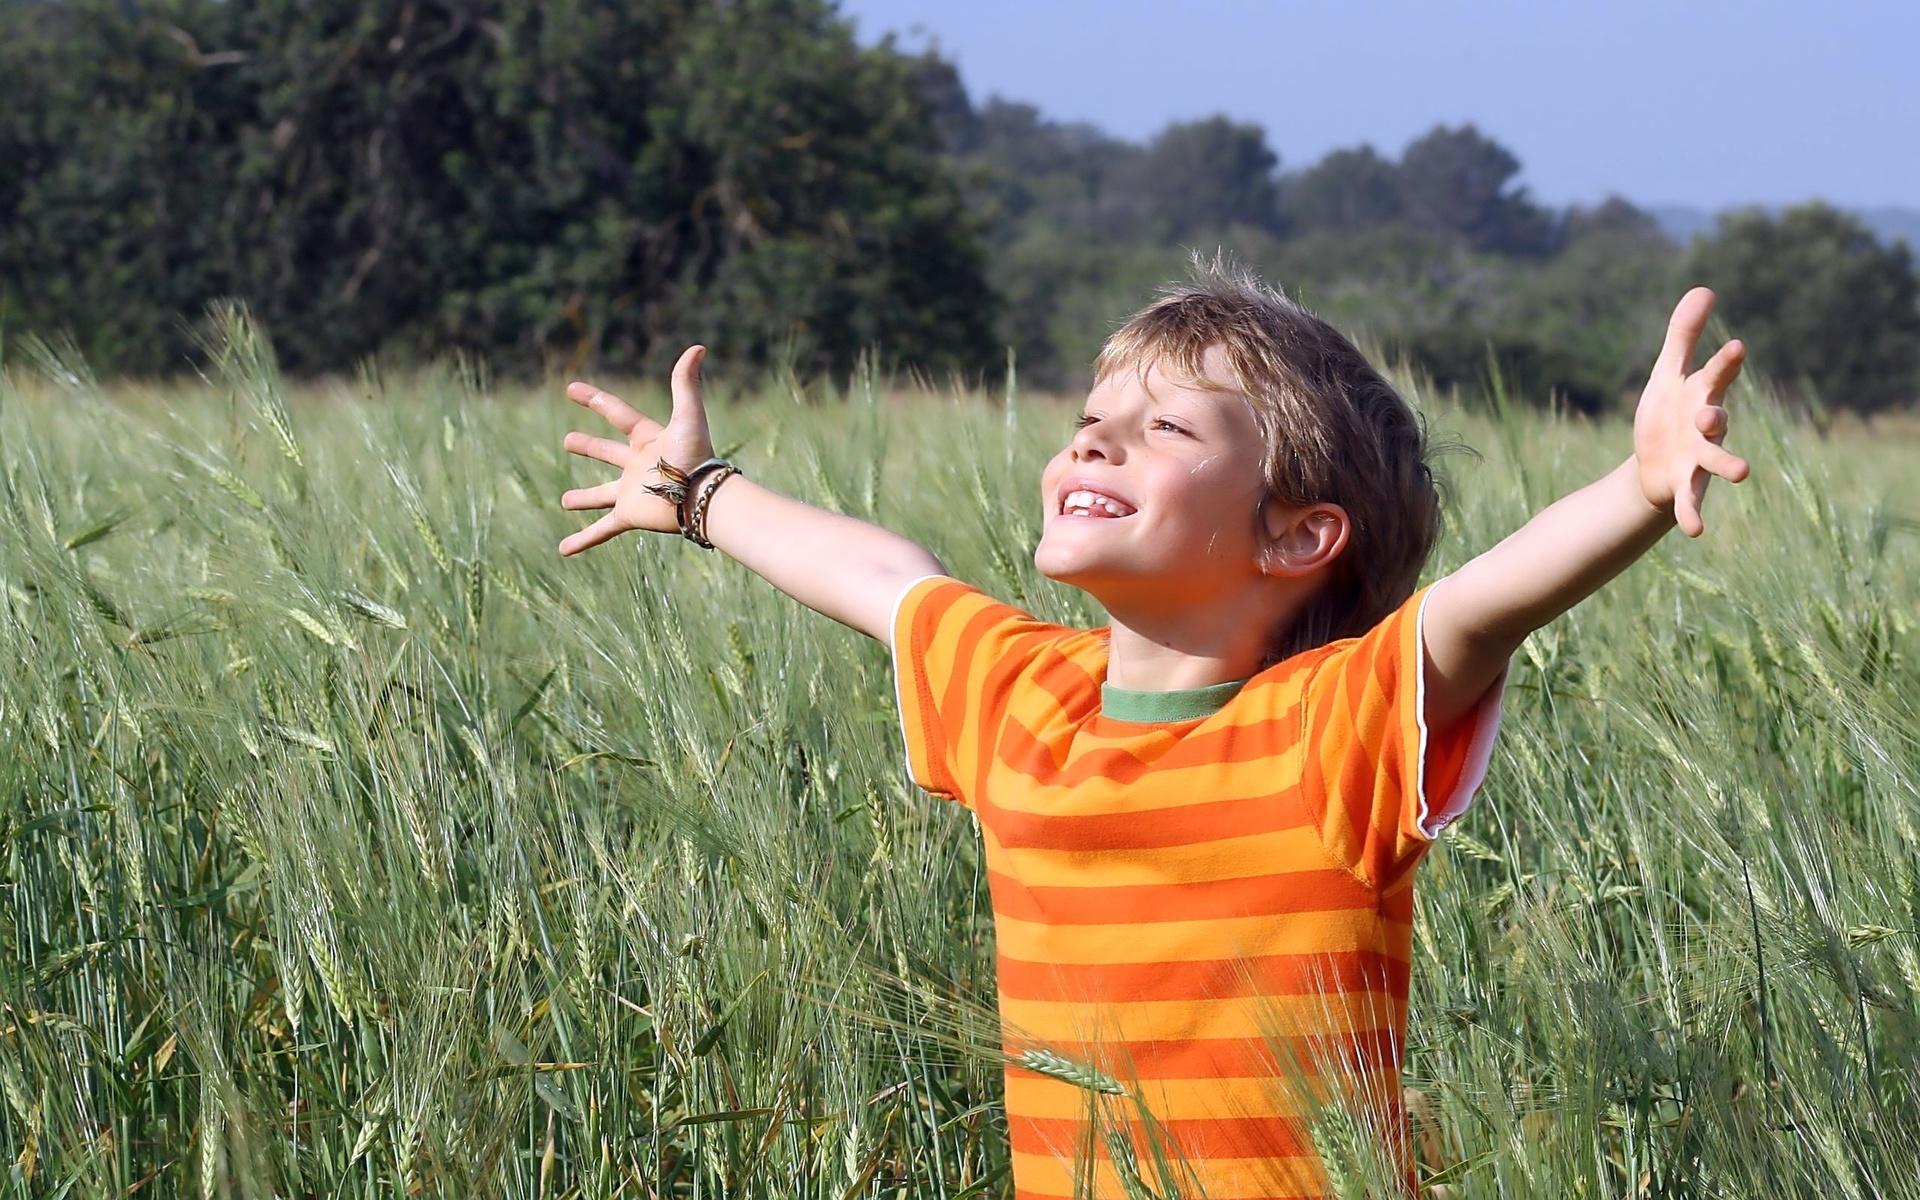 радость жить картинка оформление